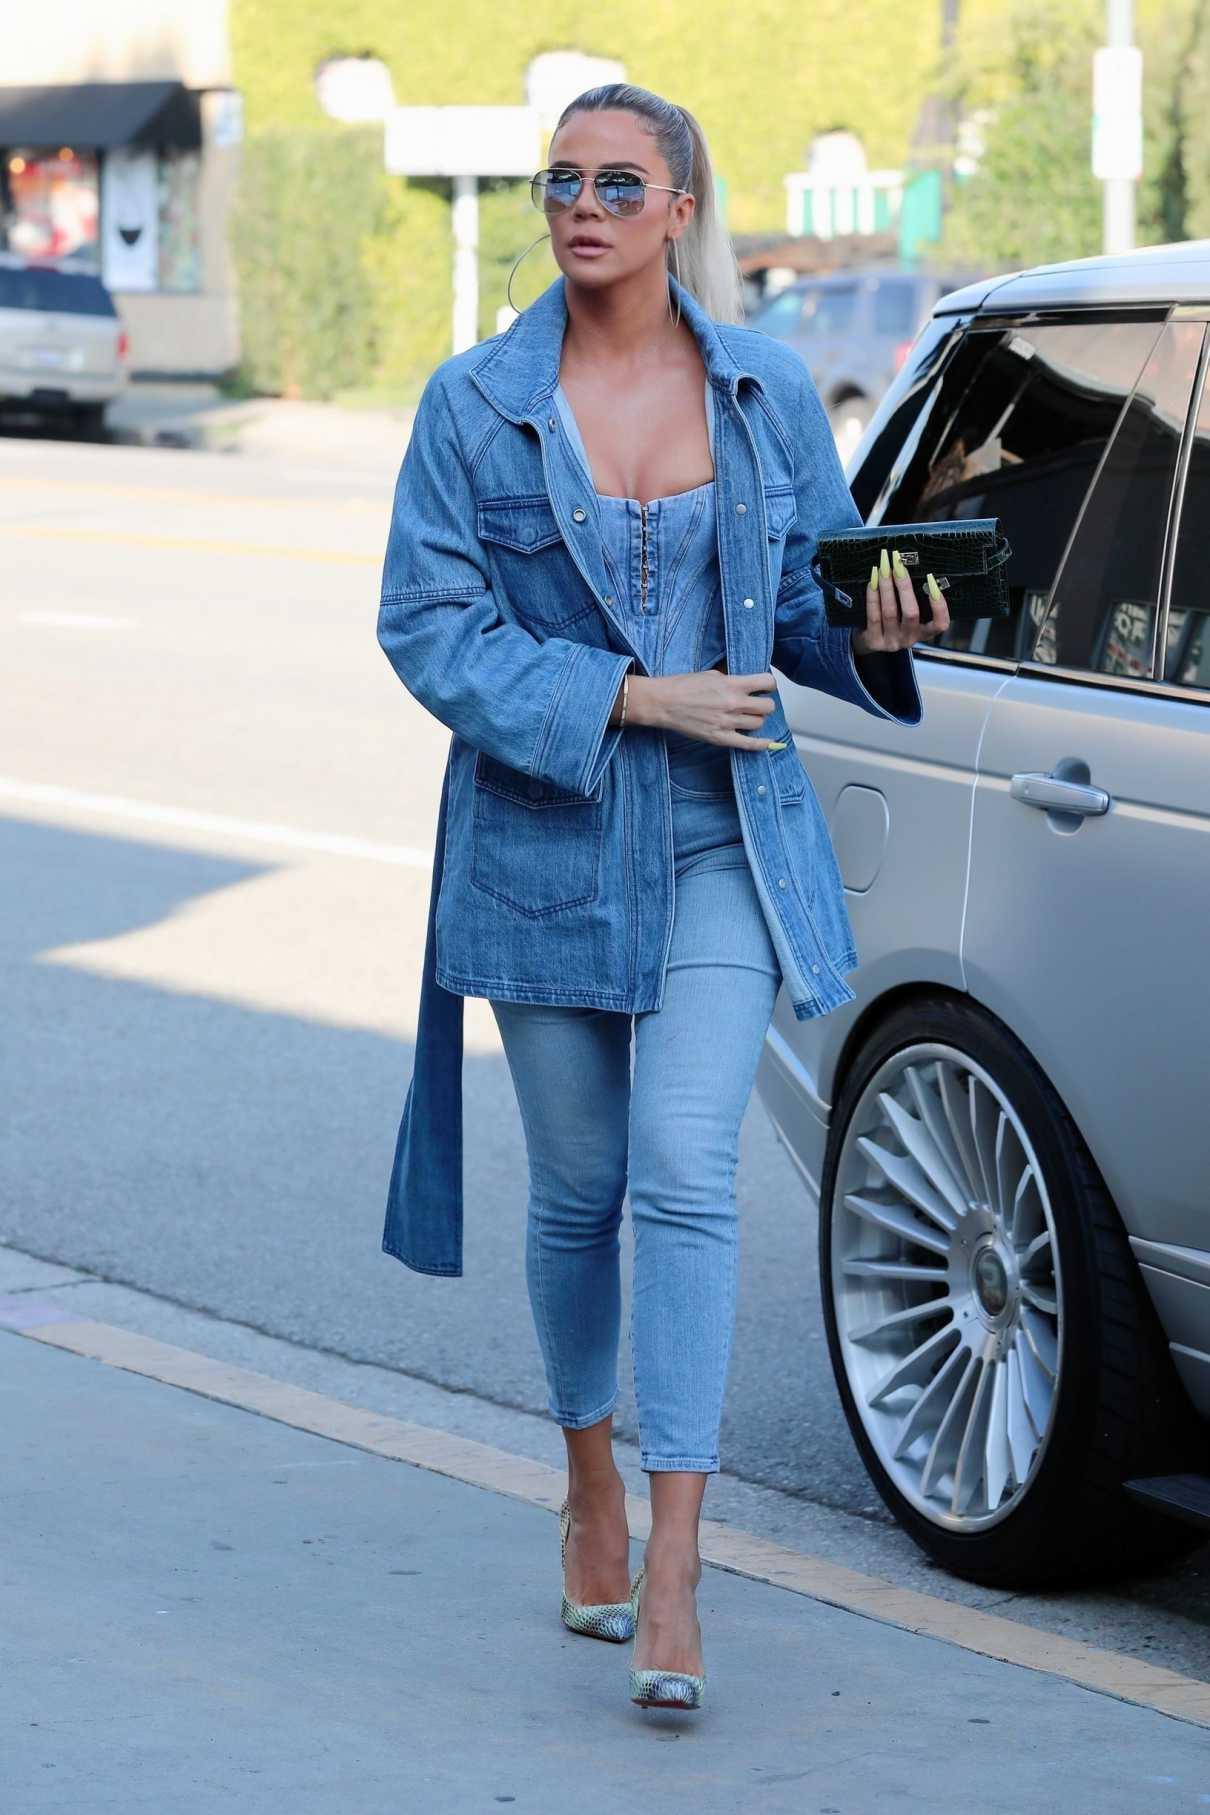 Khloe Kardashian in a Blue Denim Jacket